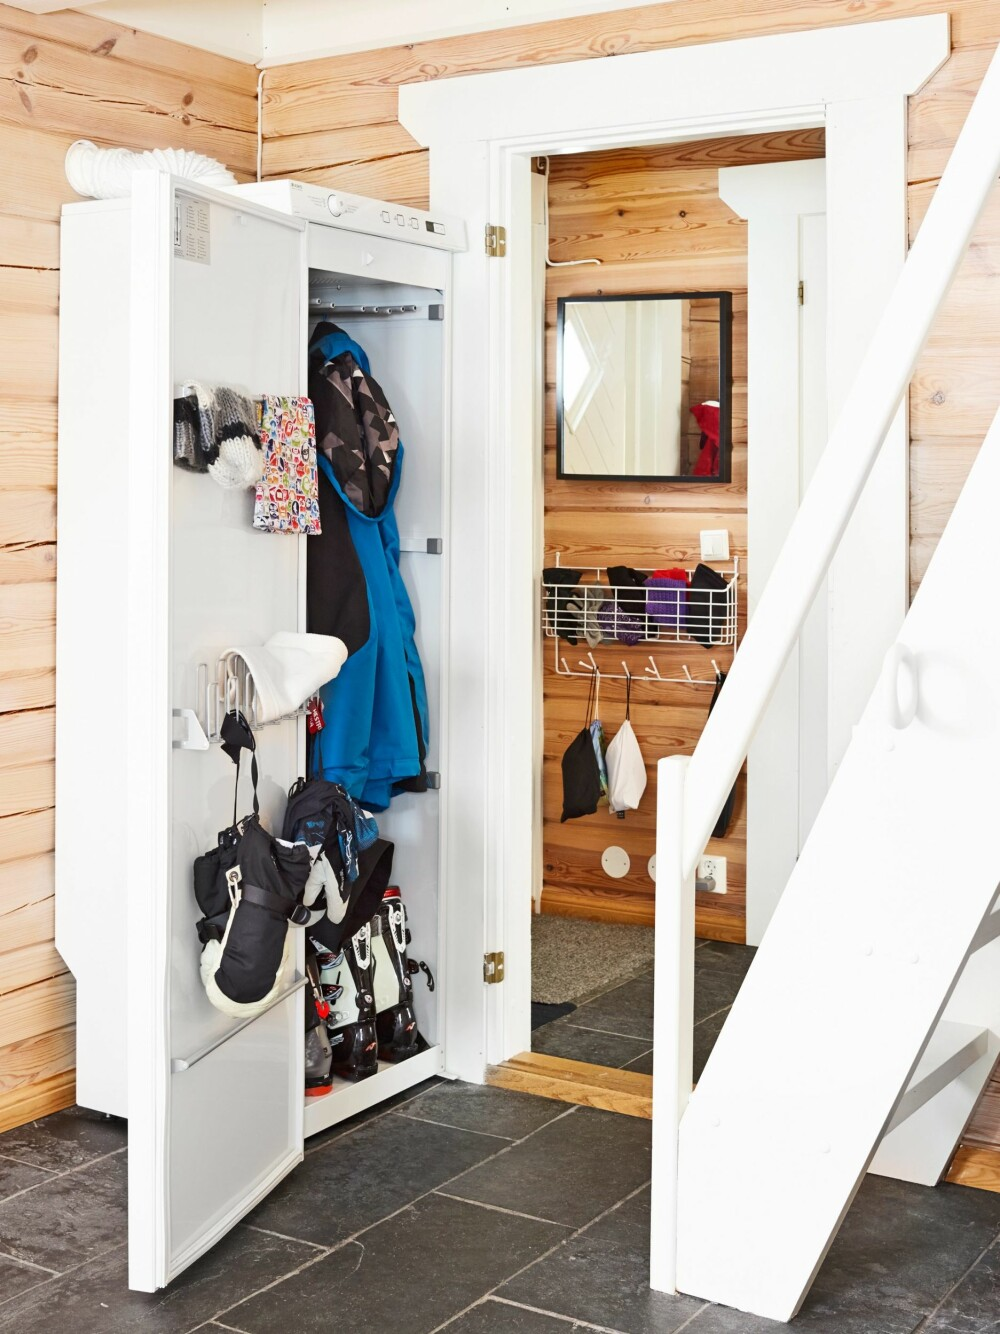 TØRKESKAP: Det første Keeley kjøpte da hun ble hytteeier, var et tørkeskap. Det er praktisk med tanke på at familien har mange skisko, luer og votter som raskt skal bli tørre. FOTO: Sveinung Bråthen